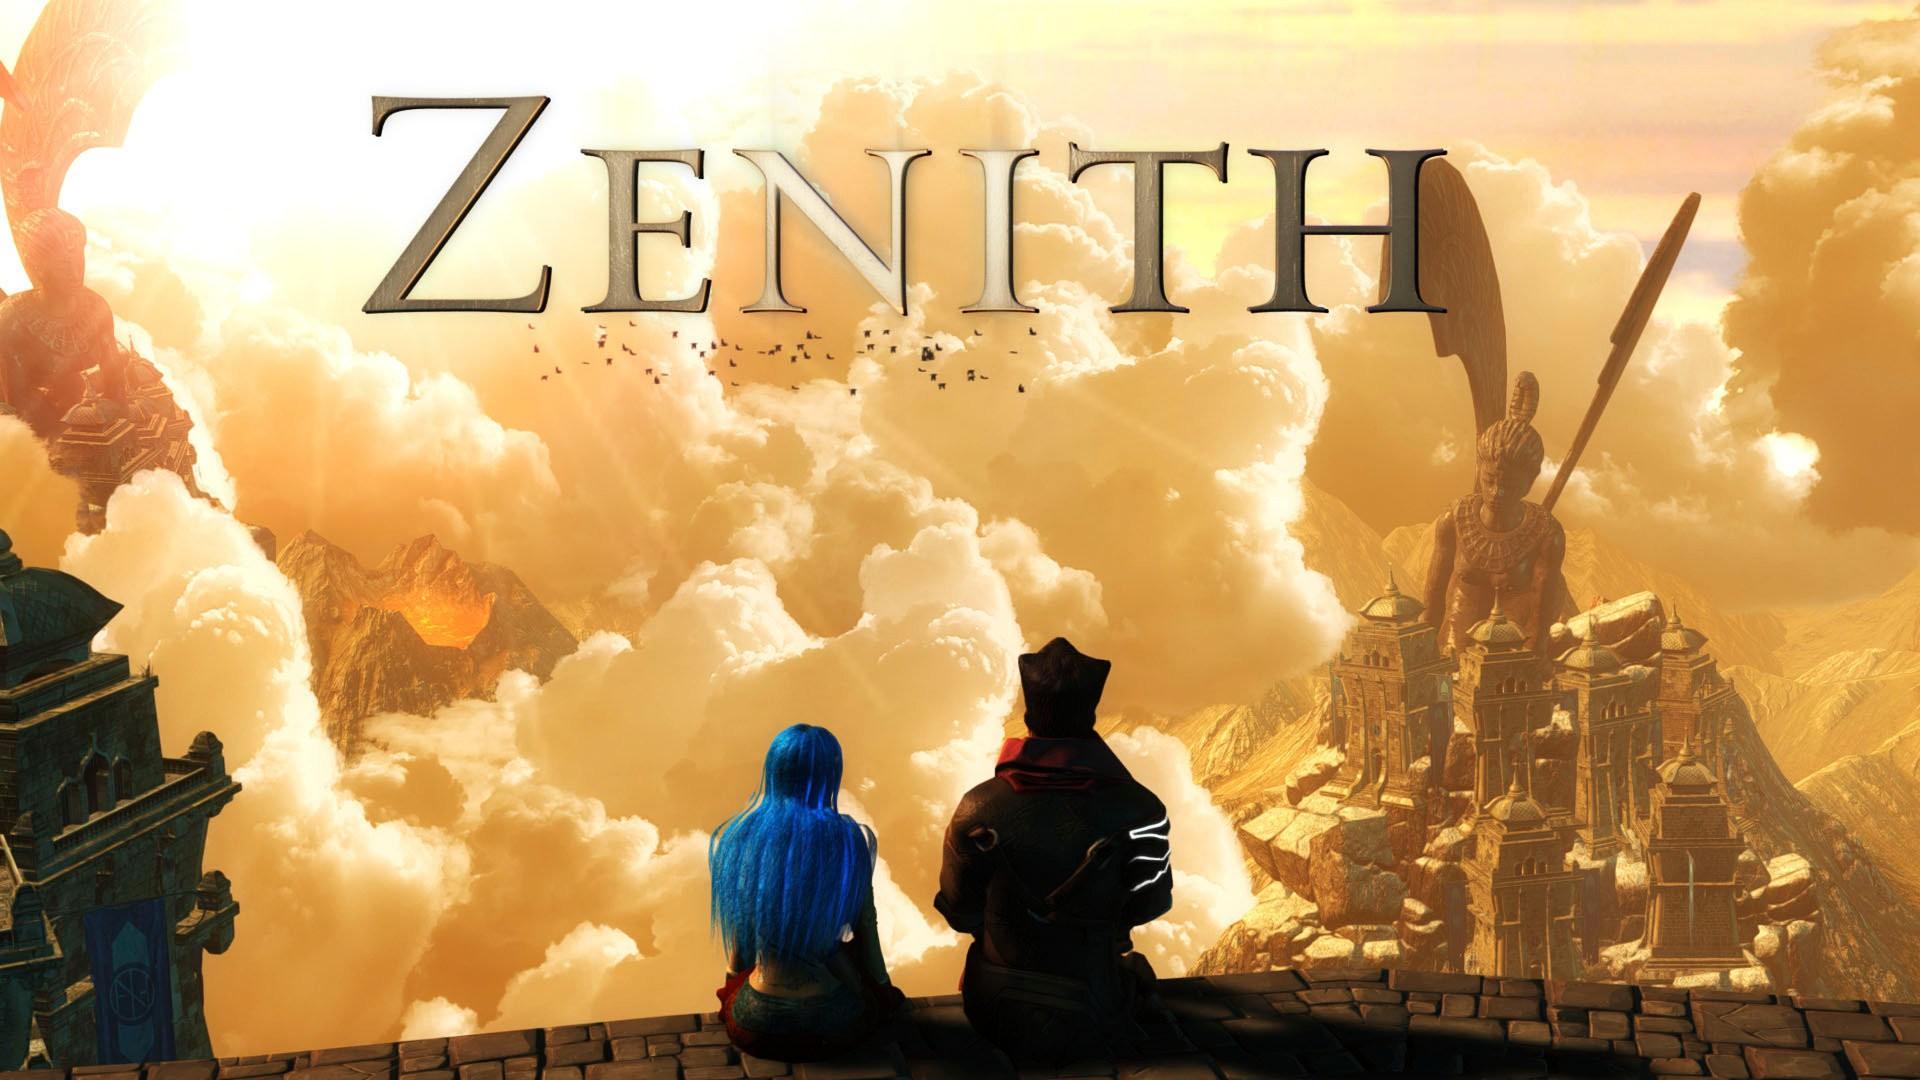 ZENITH_body_1